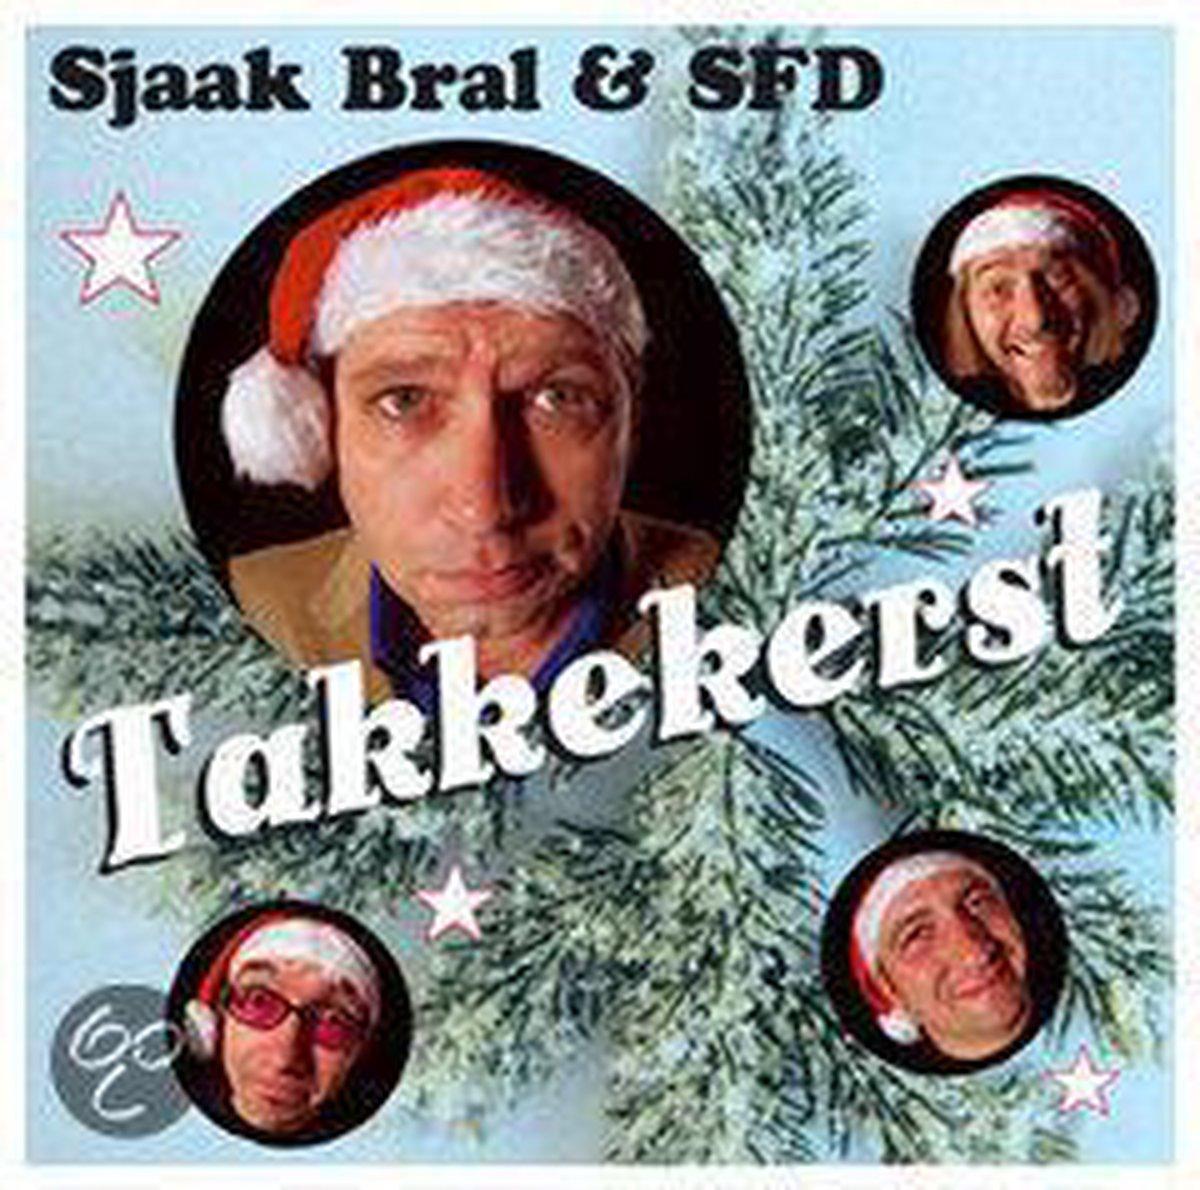 Sjaak Bral - Takkekerst - Sjaak Bral